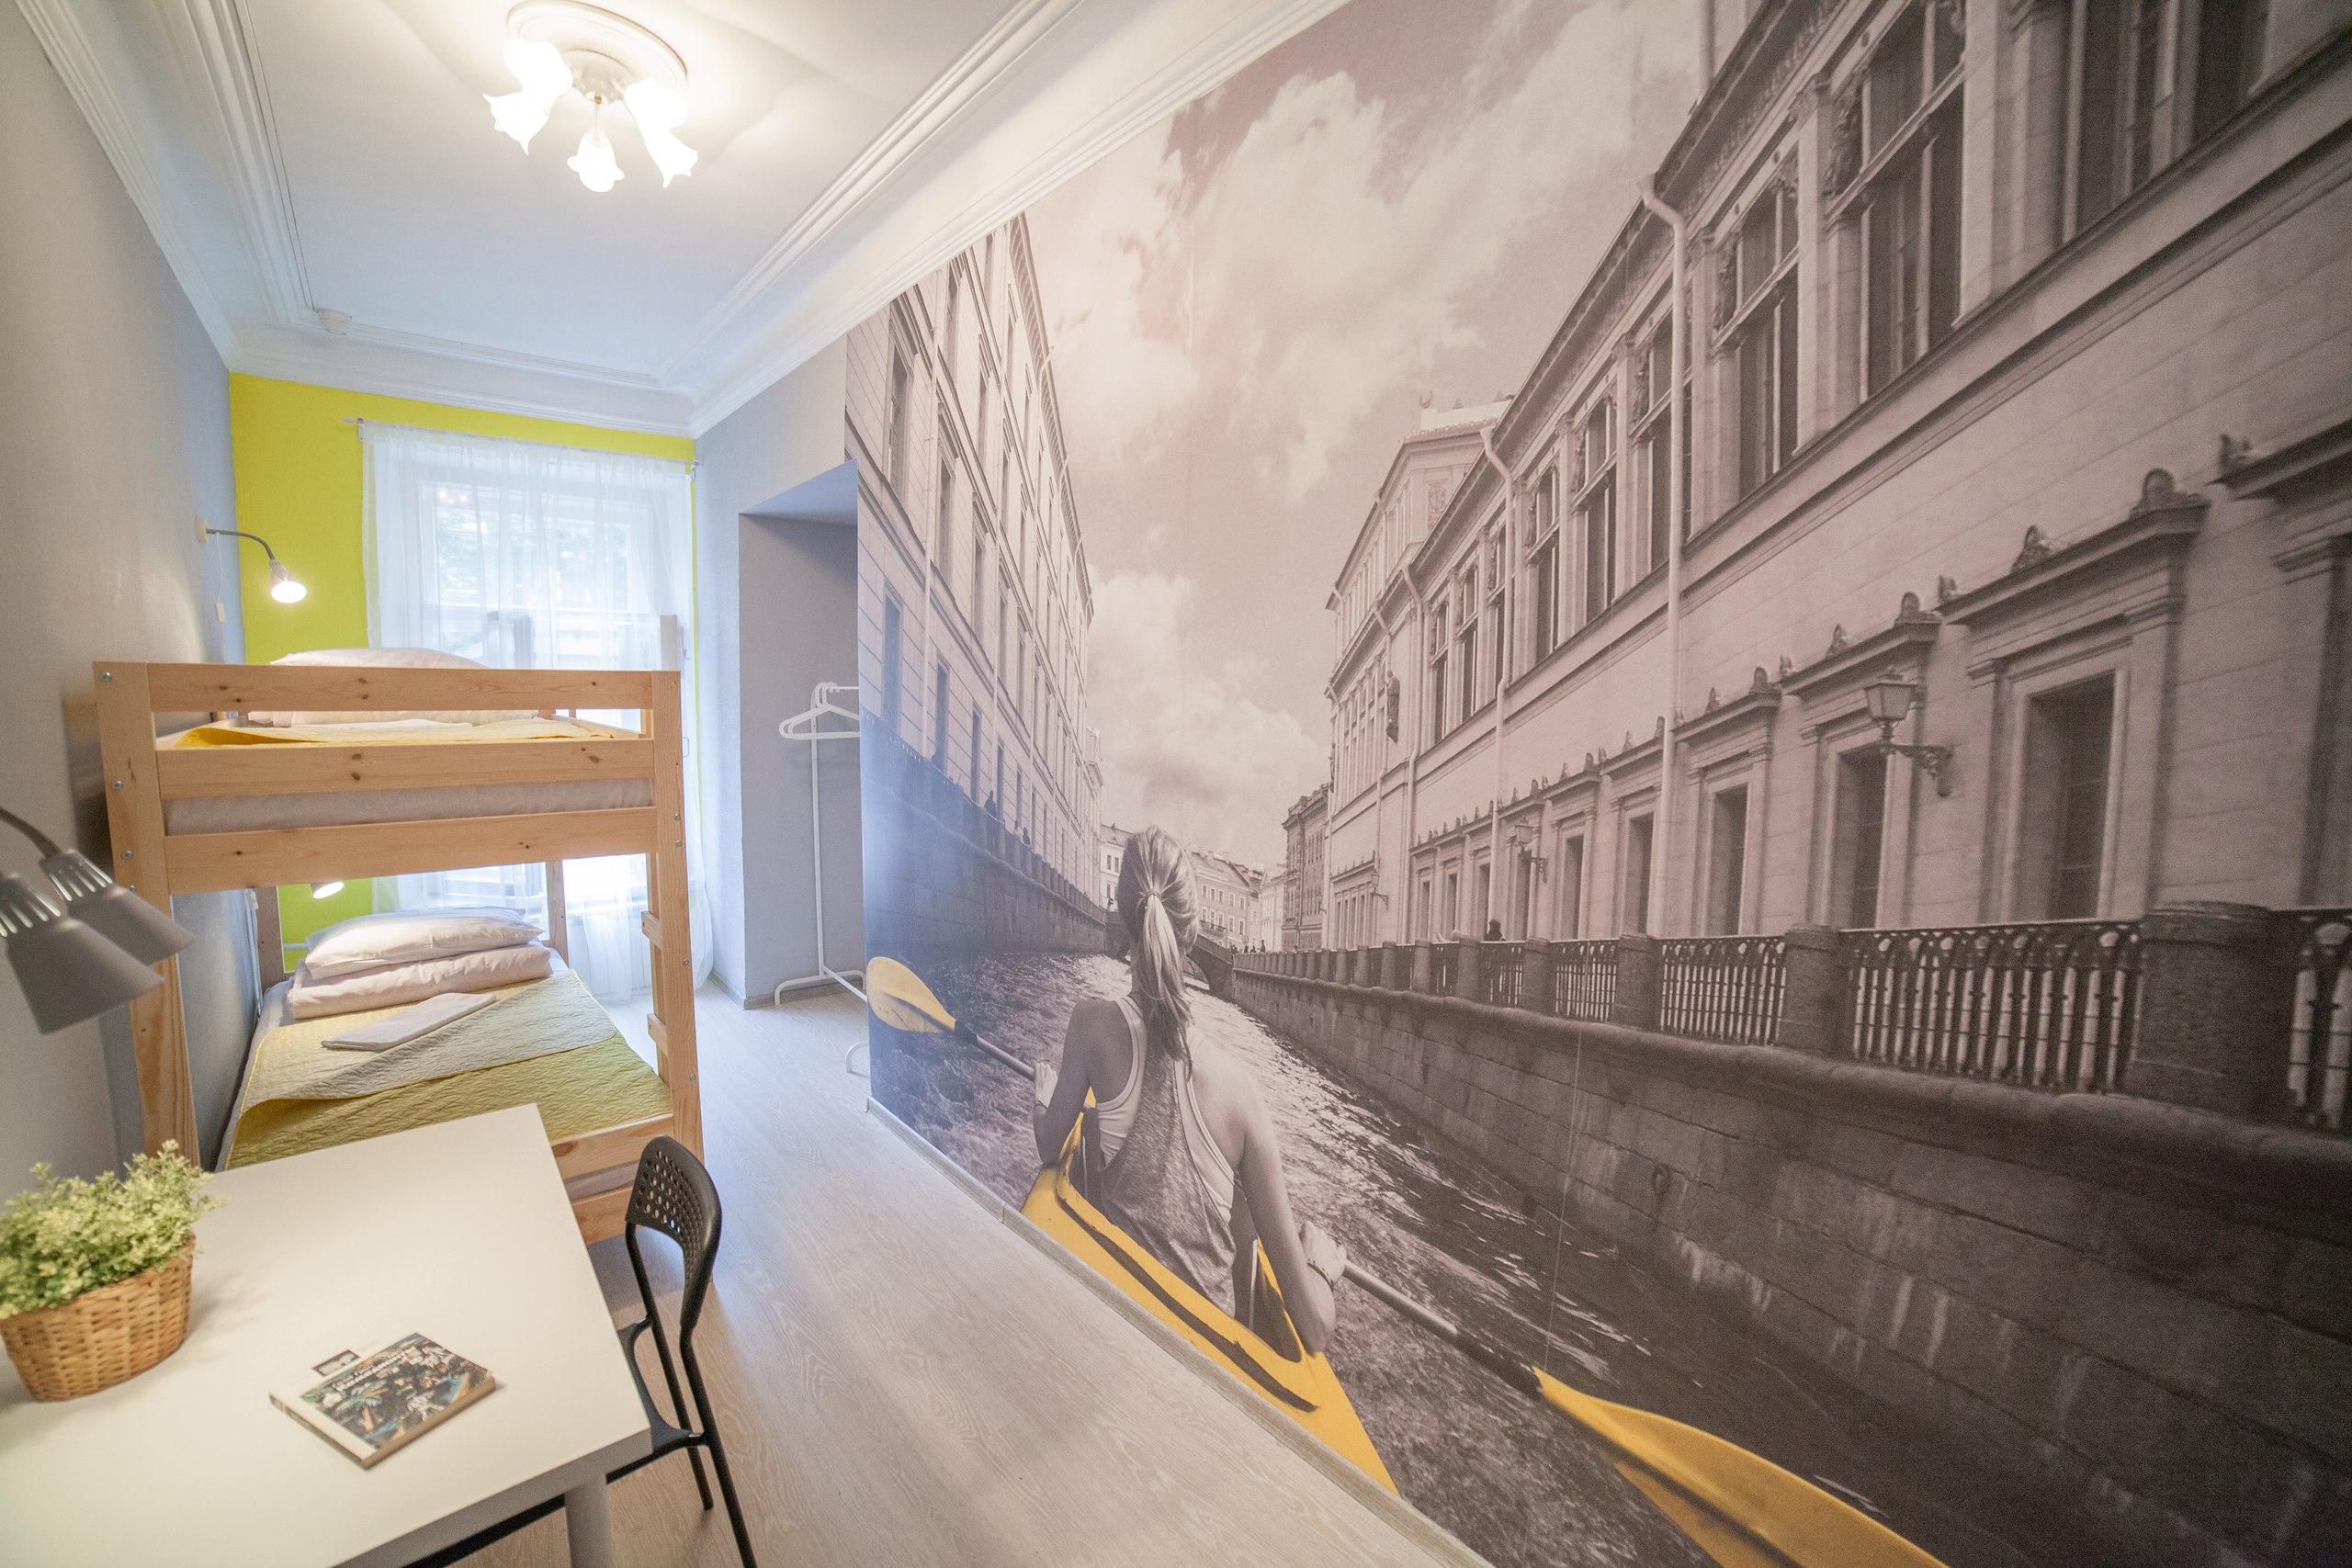 Drive - дешевый хостел в Питере для двоих